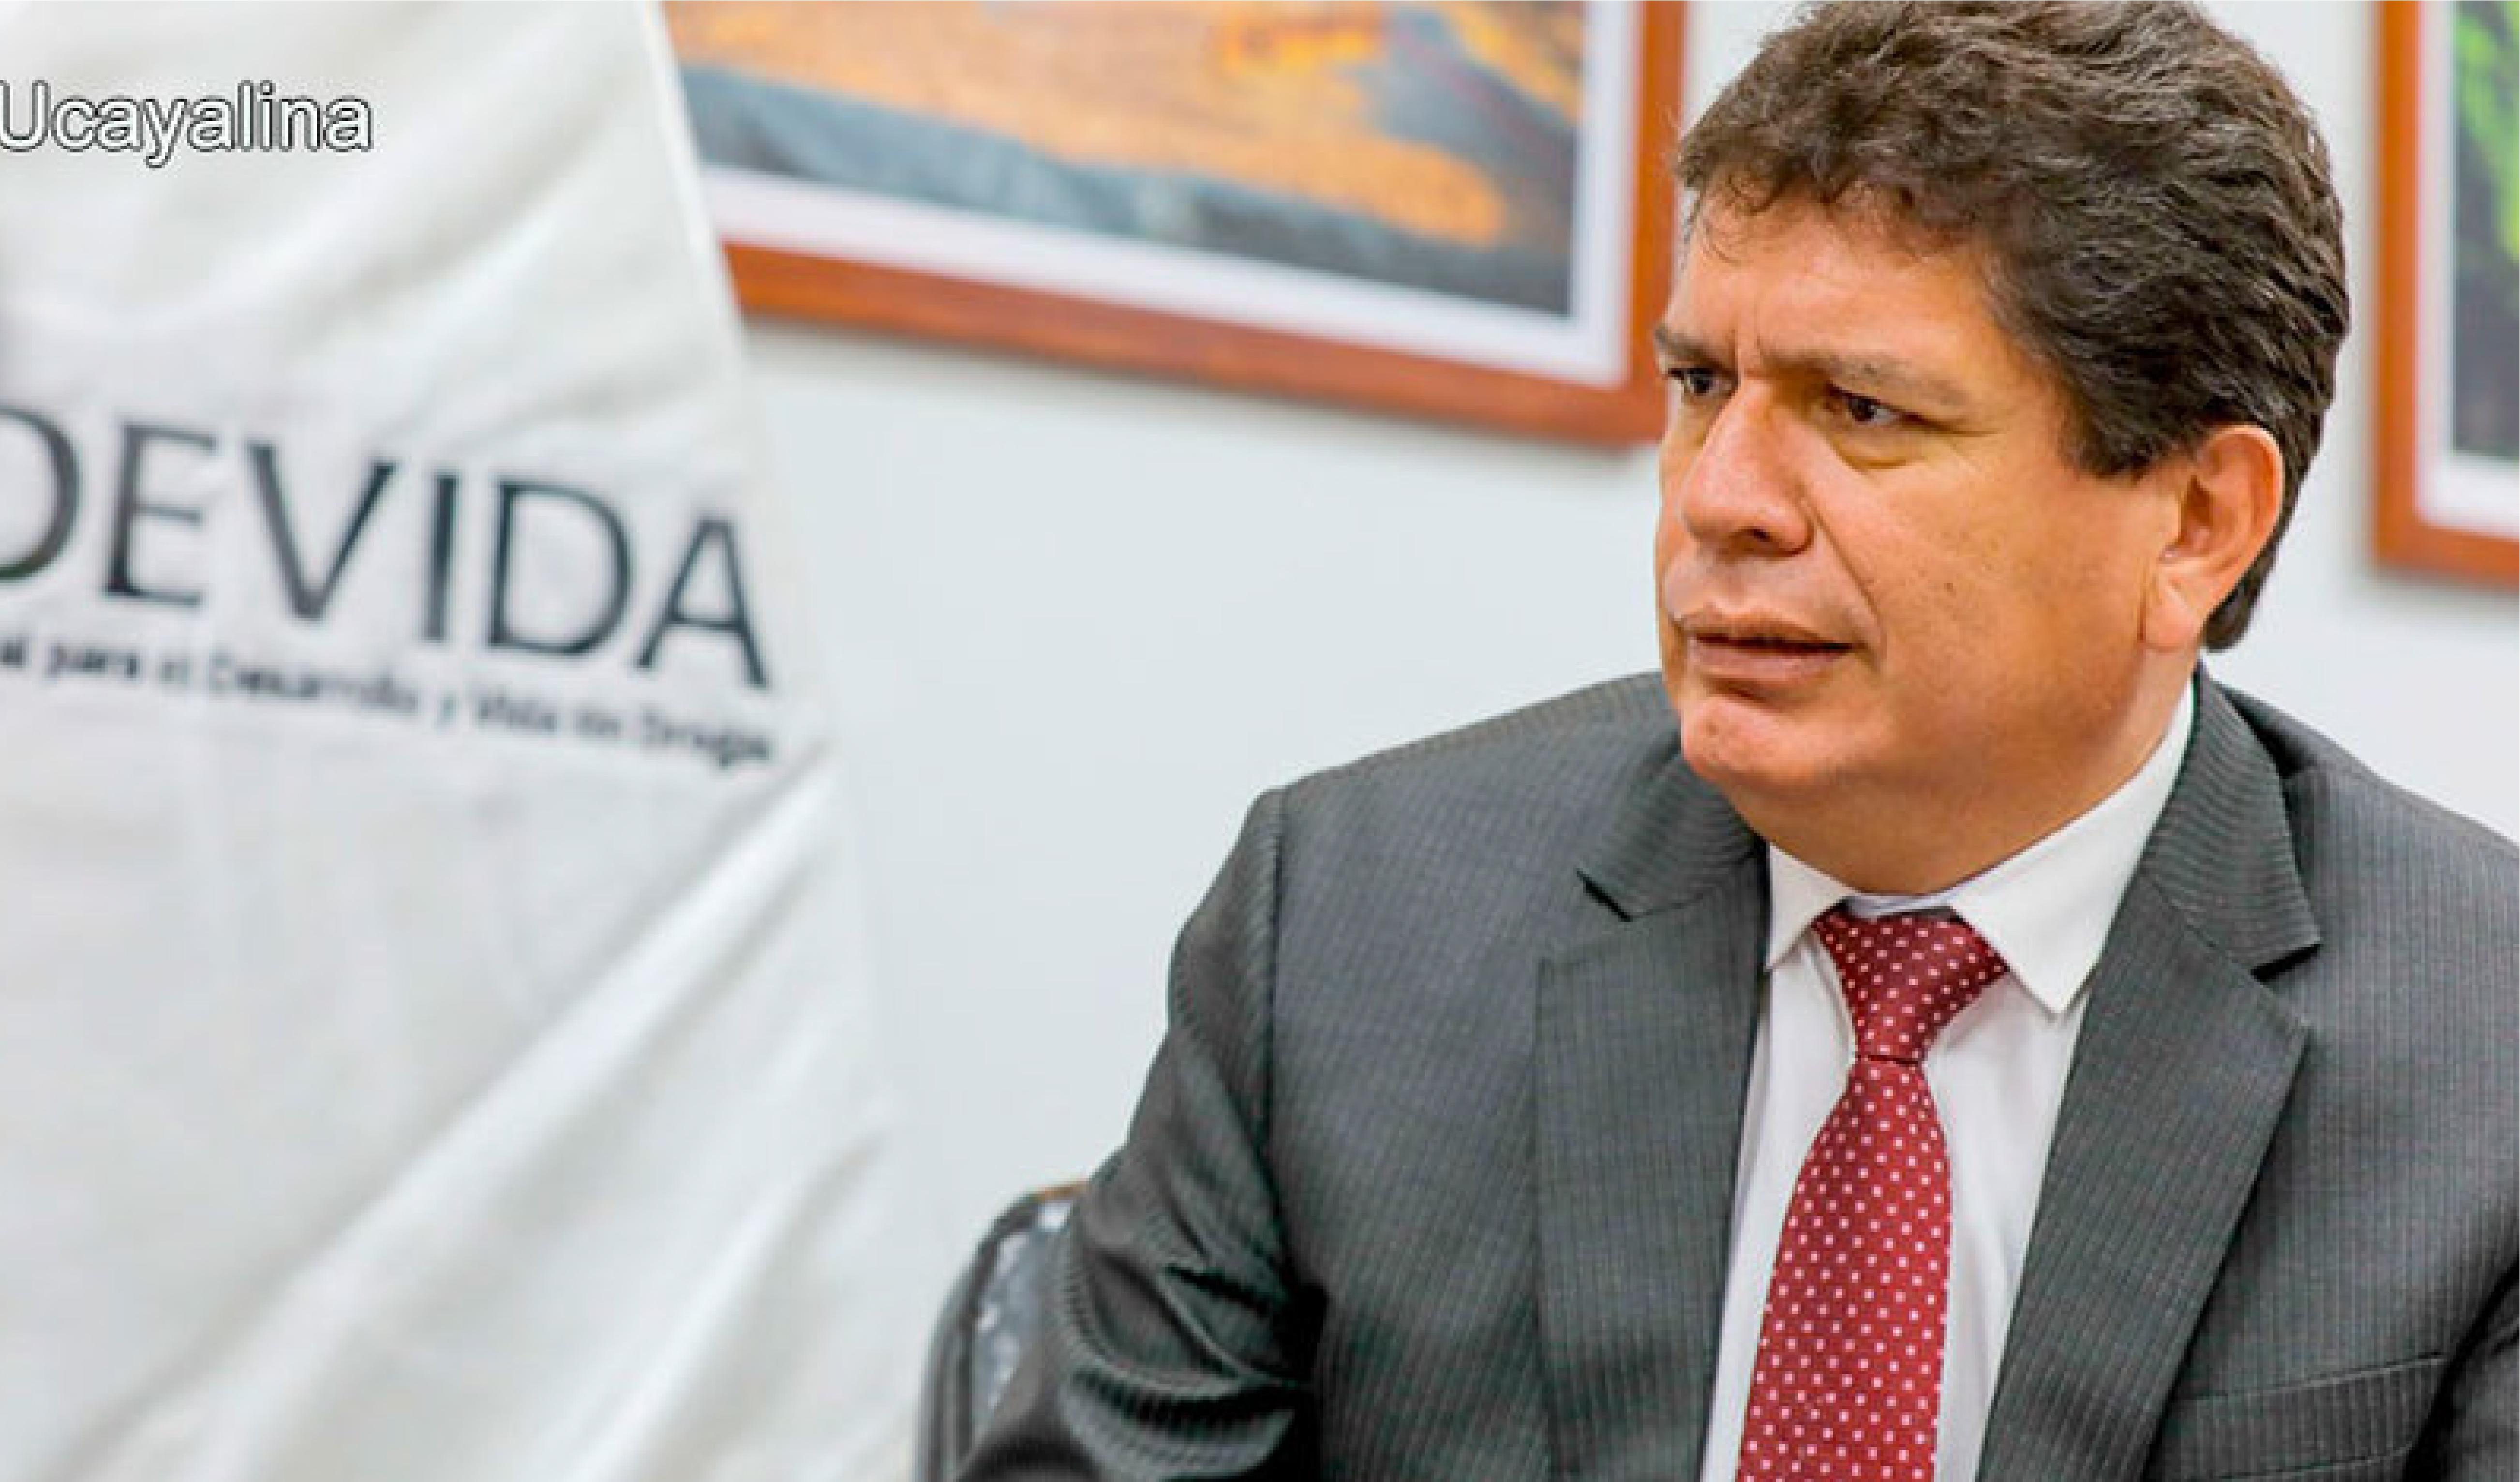 Presidente de Devida presentó carta de renuncia tras declaraciones de ministro Barranzuela